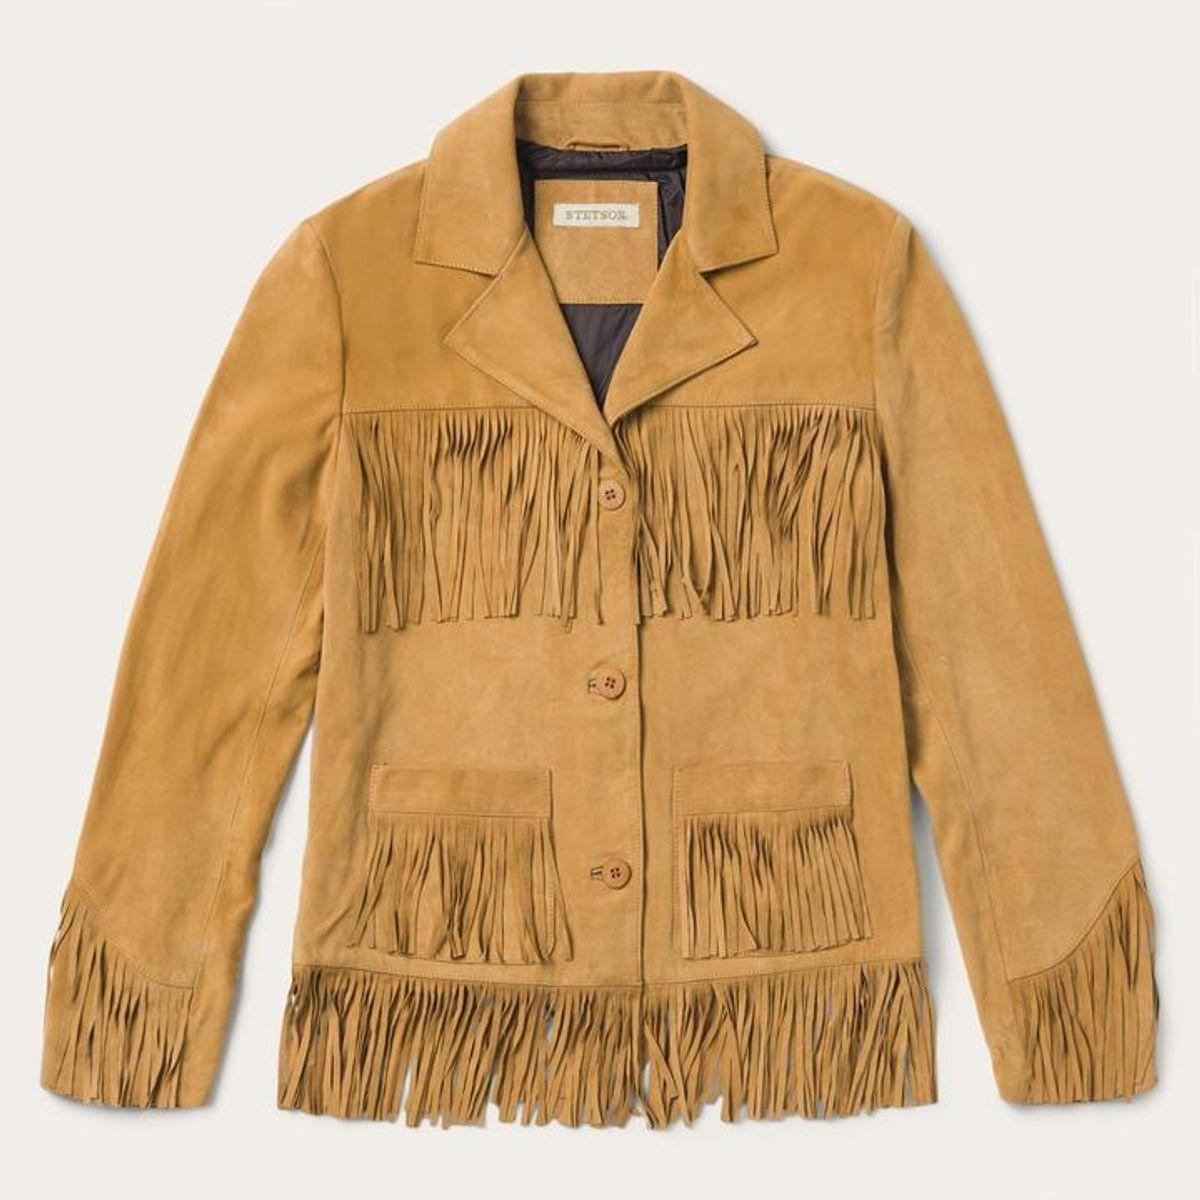 Women's Tan Fringe Suede Jacket